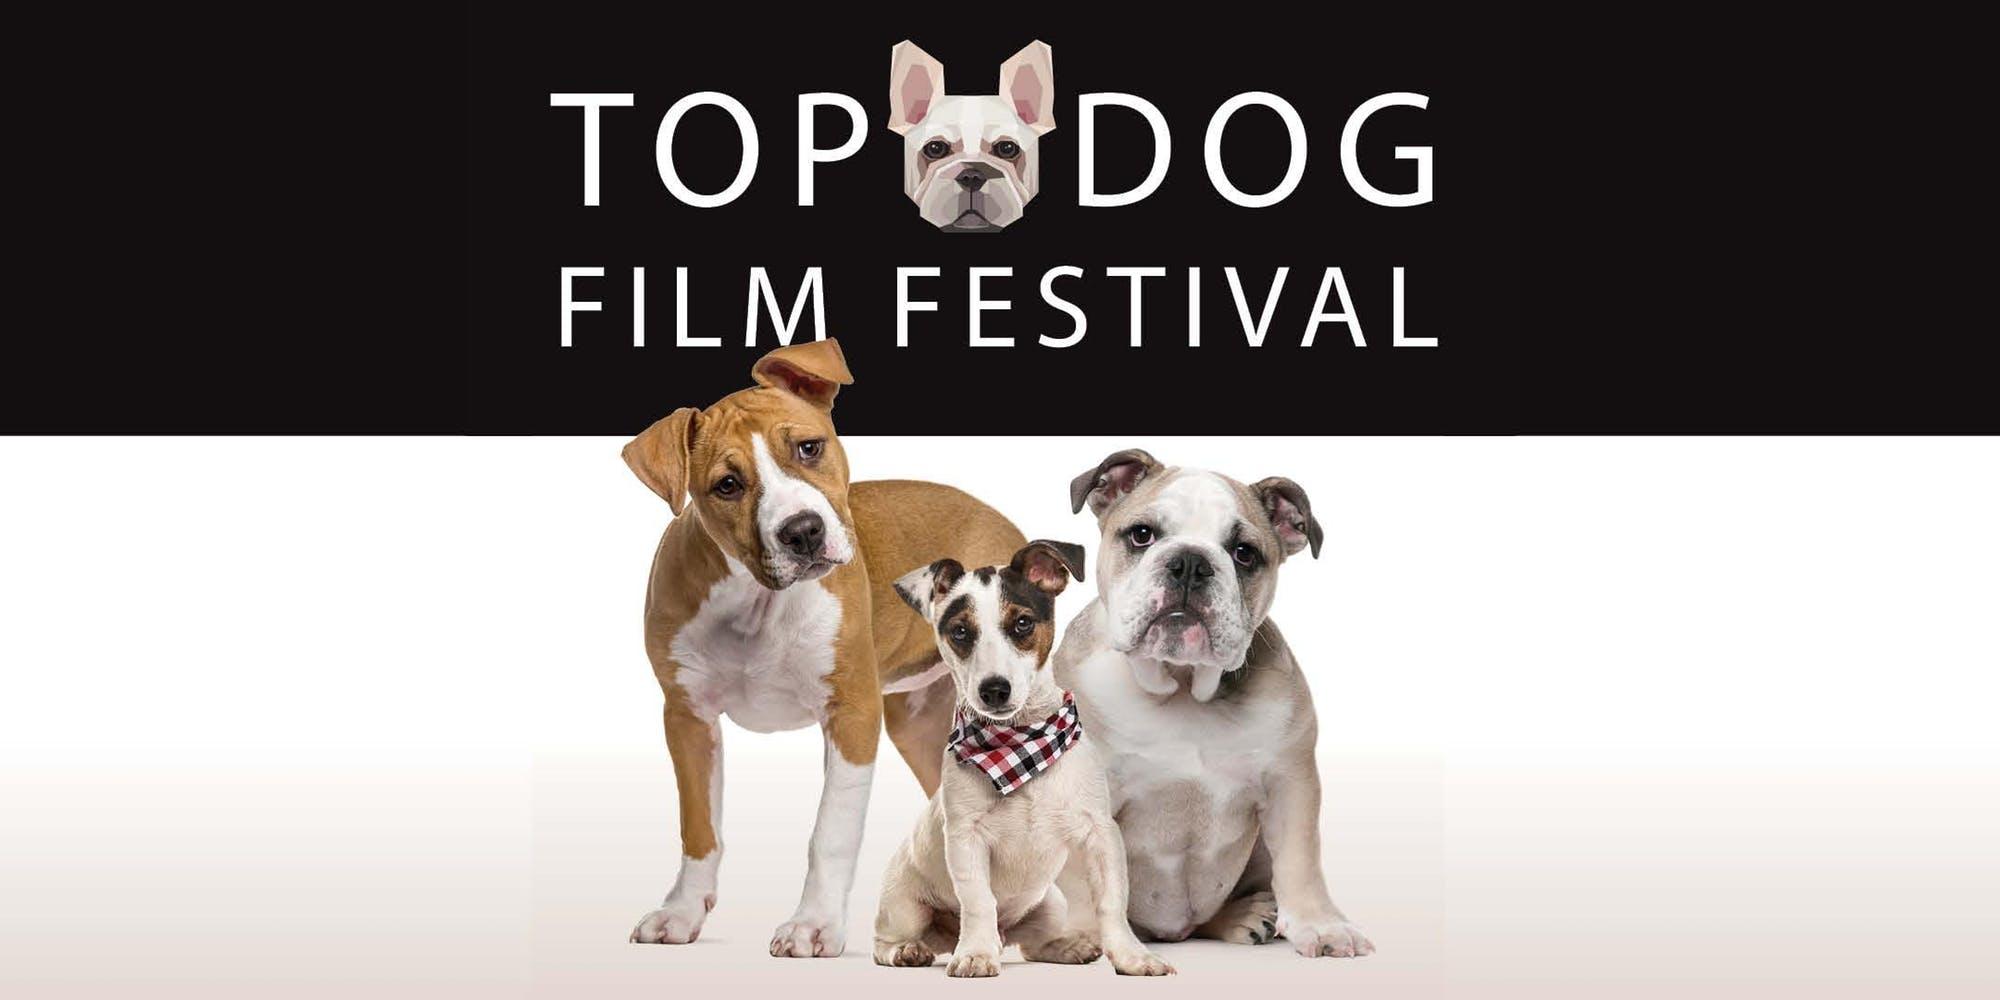 Top Dog Film Festival @Rialto TAURANGA